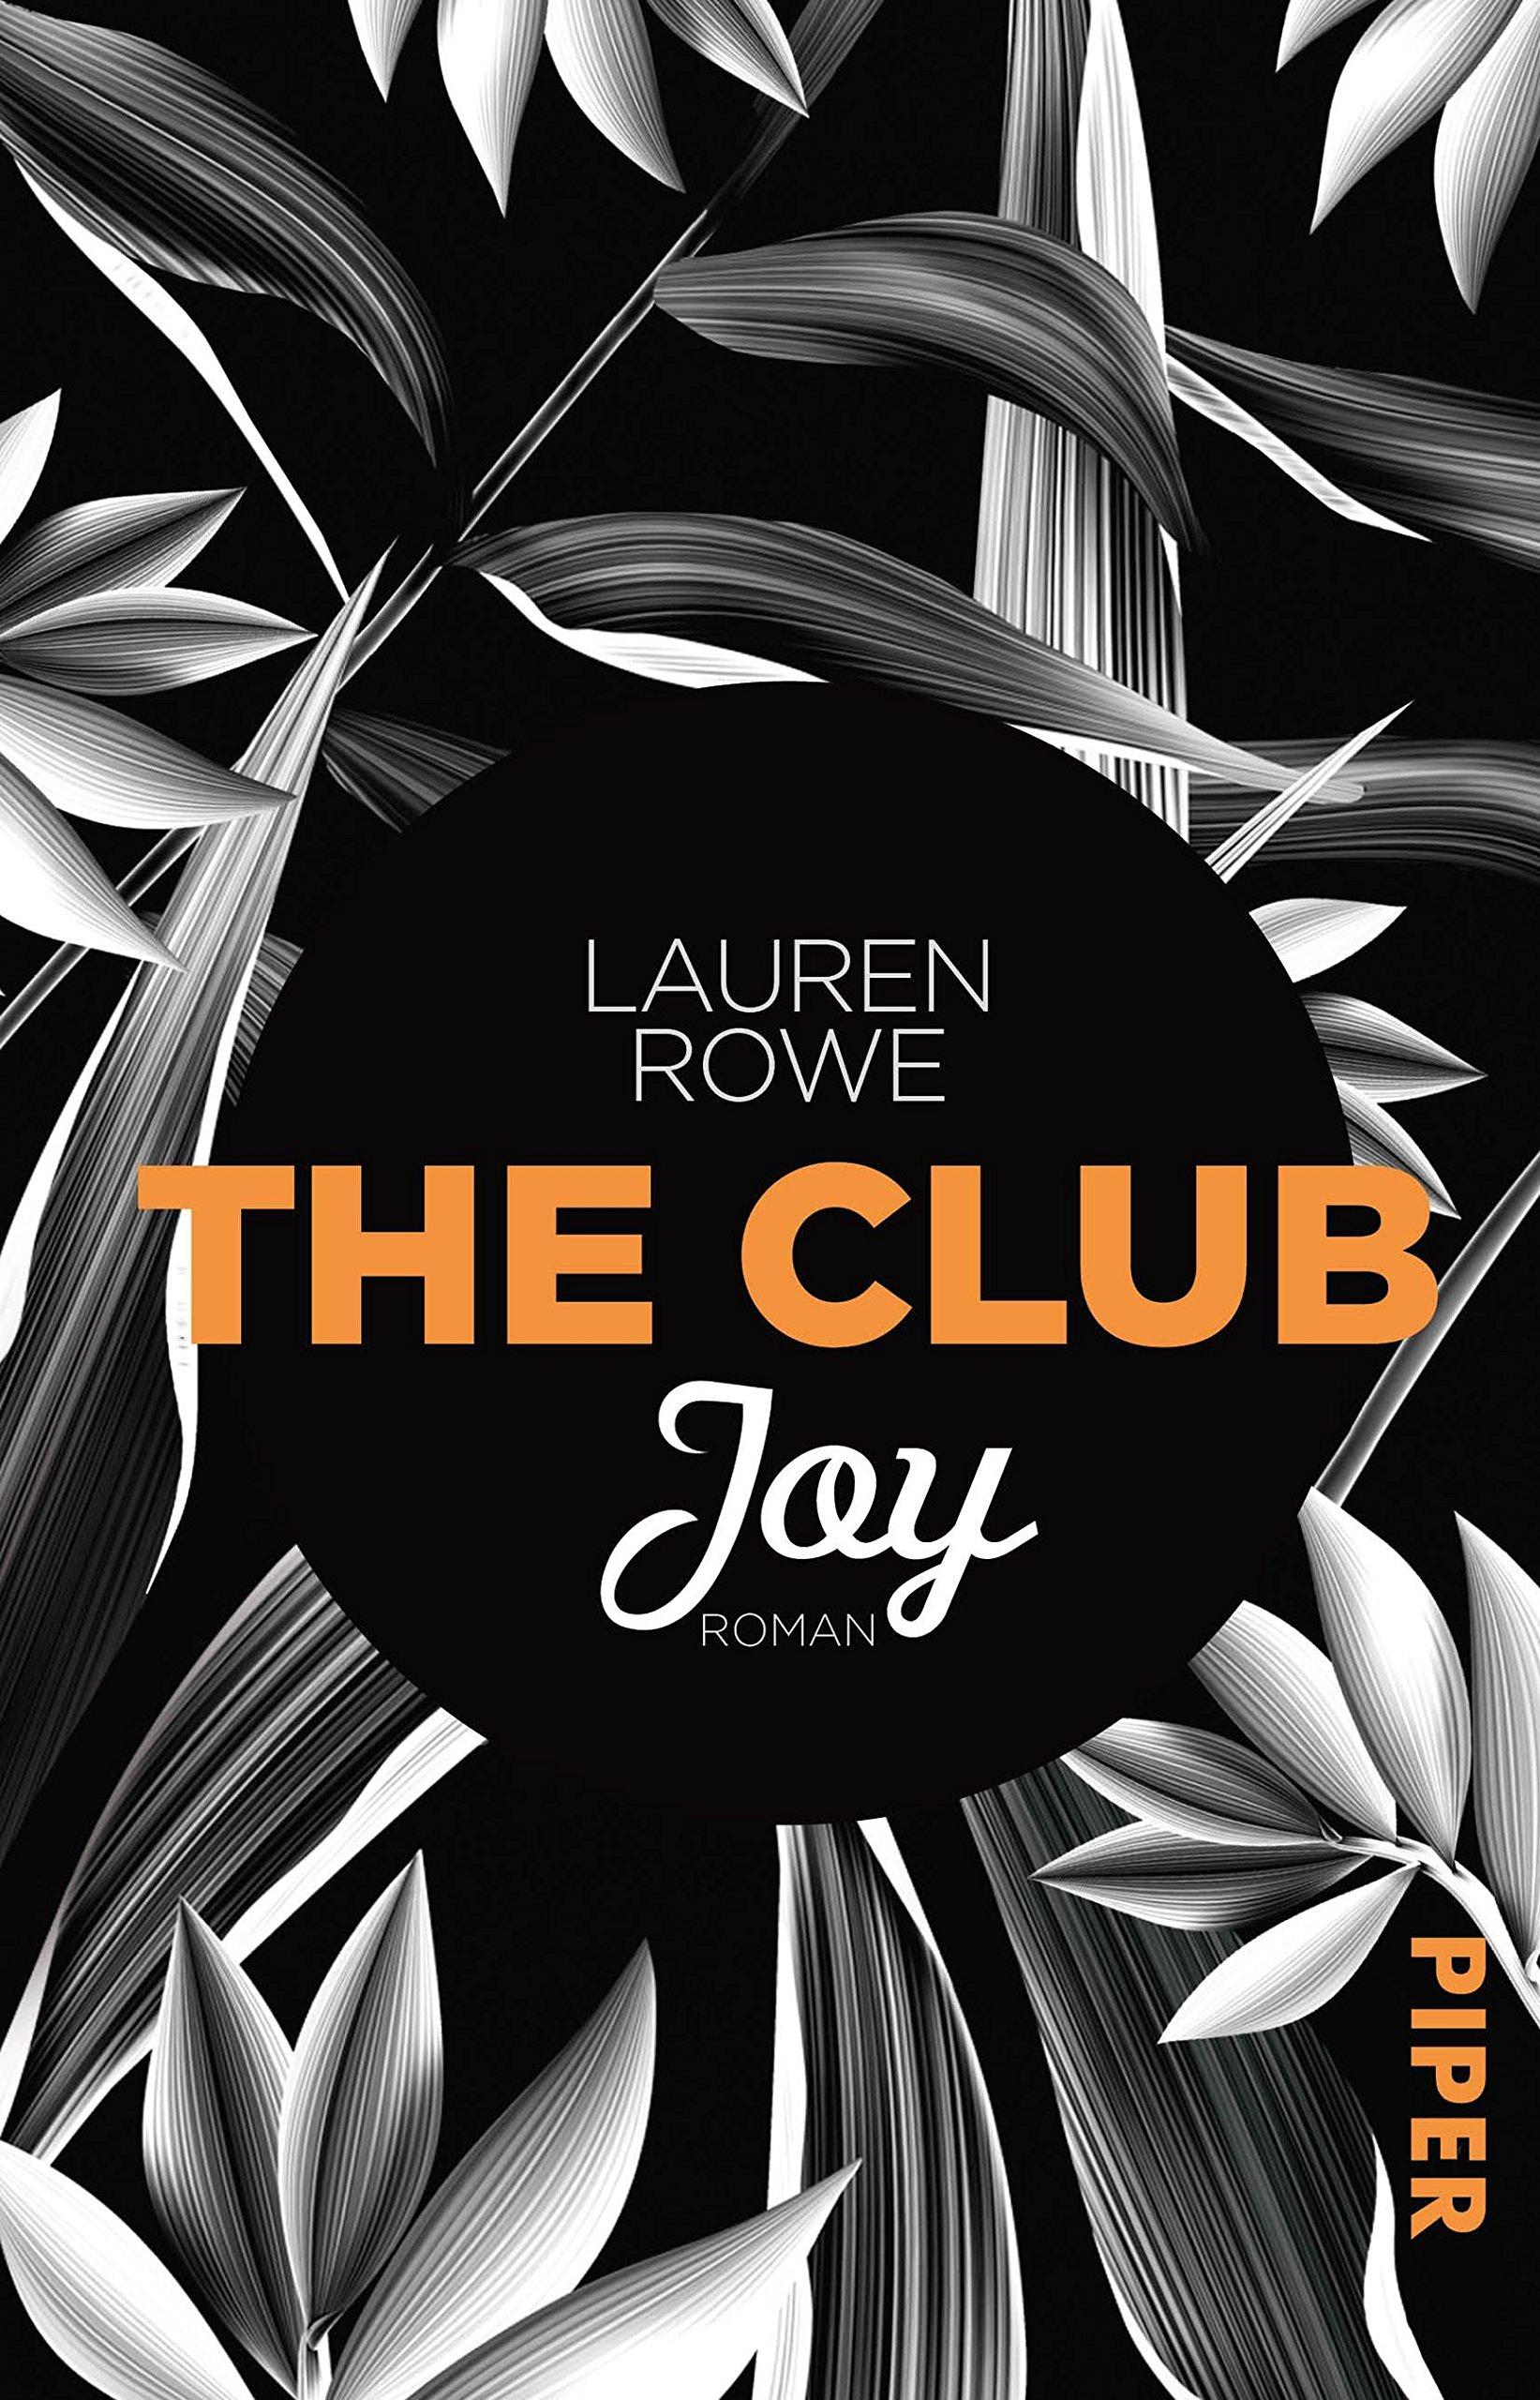 The Club – Joy: Roman